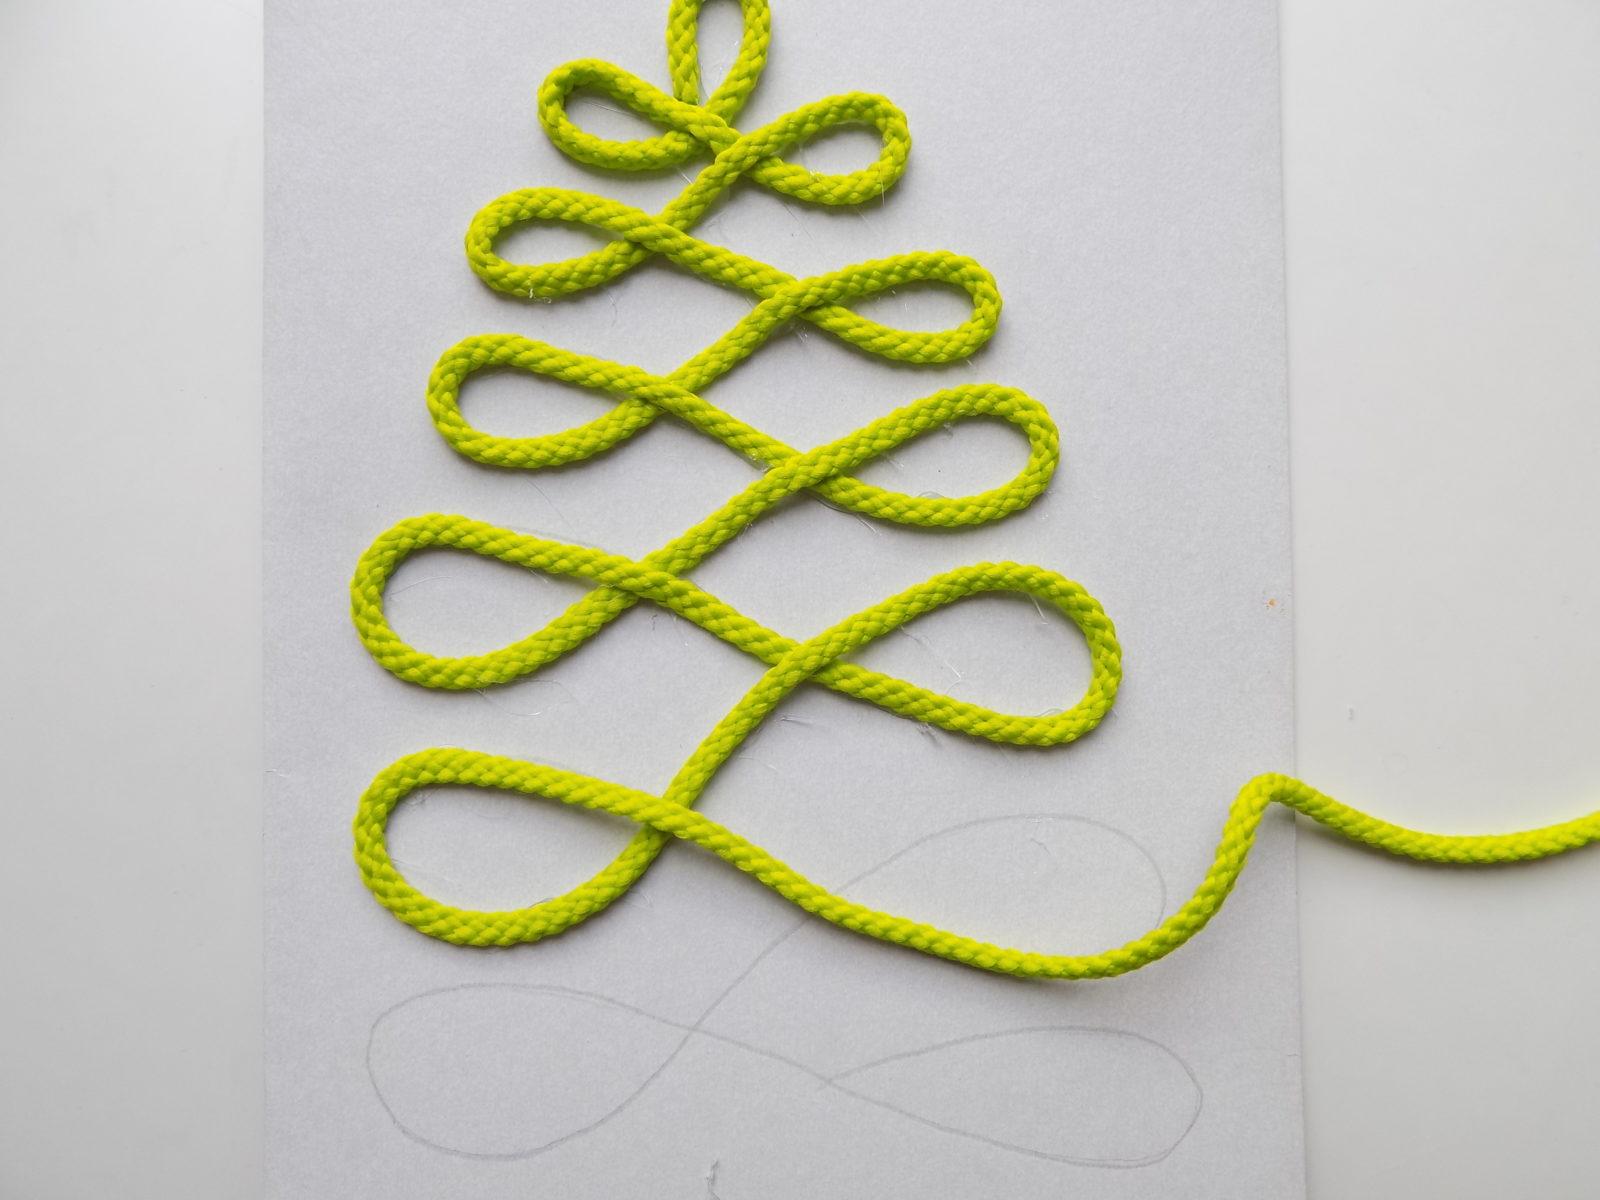 Новогодняя открытка с елочкой из шнура - 6